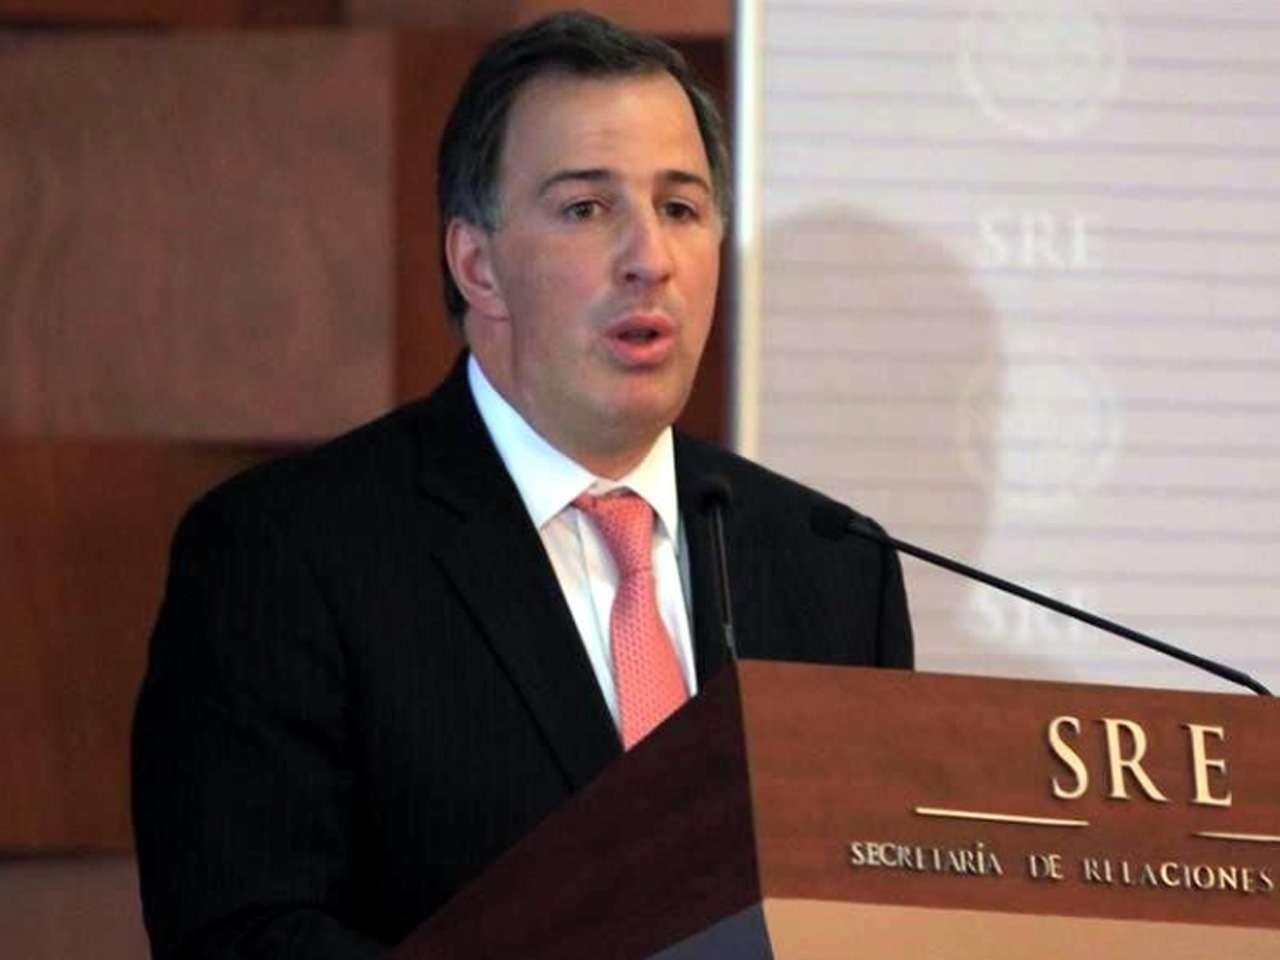 La Cámara se disculpó con el funcionario y sus acompañantes Foto: Archivo/Reforma